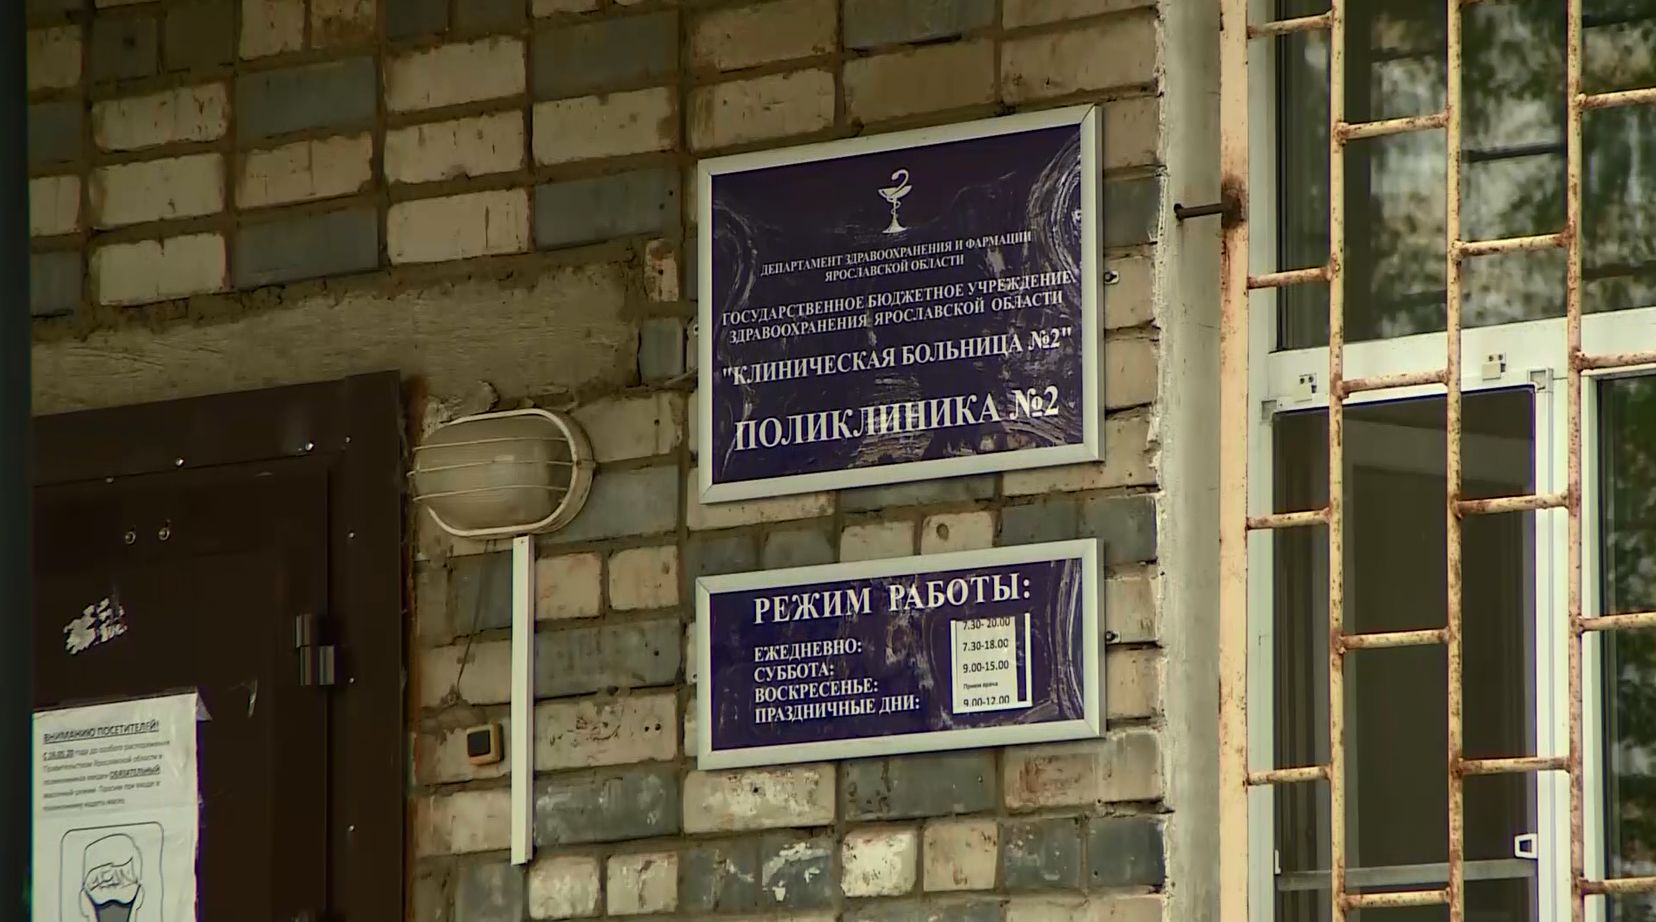 Дополнительный прививочный кабинет начал работу во второй поликлинике КБ №2 Ярославля